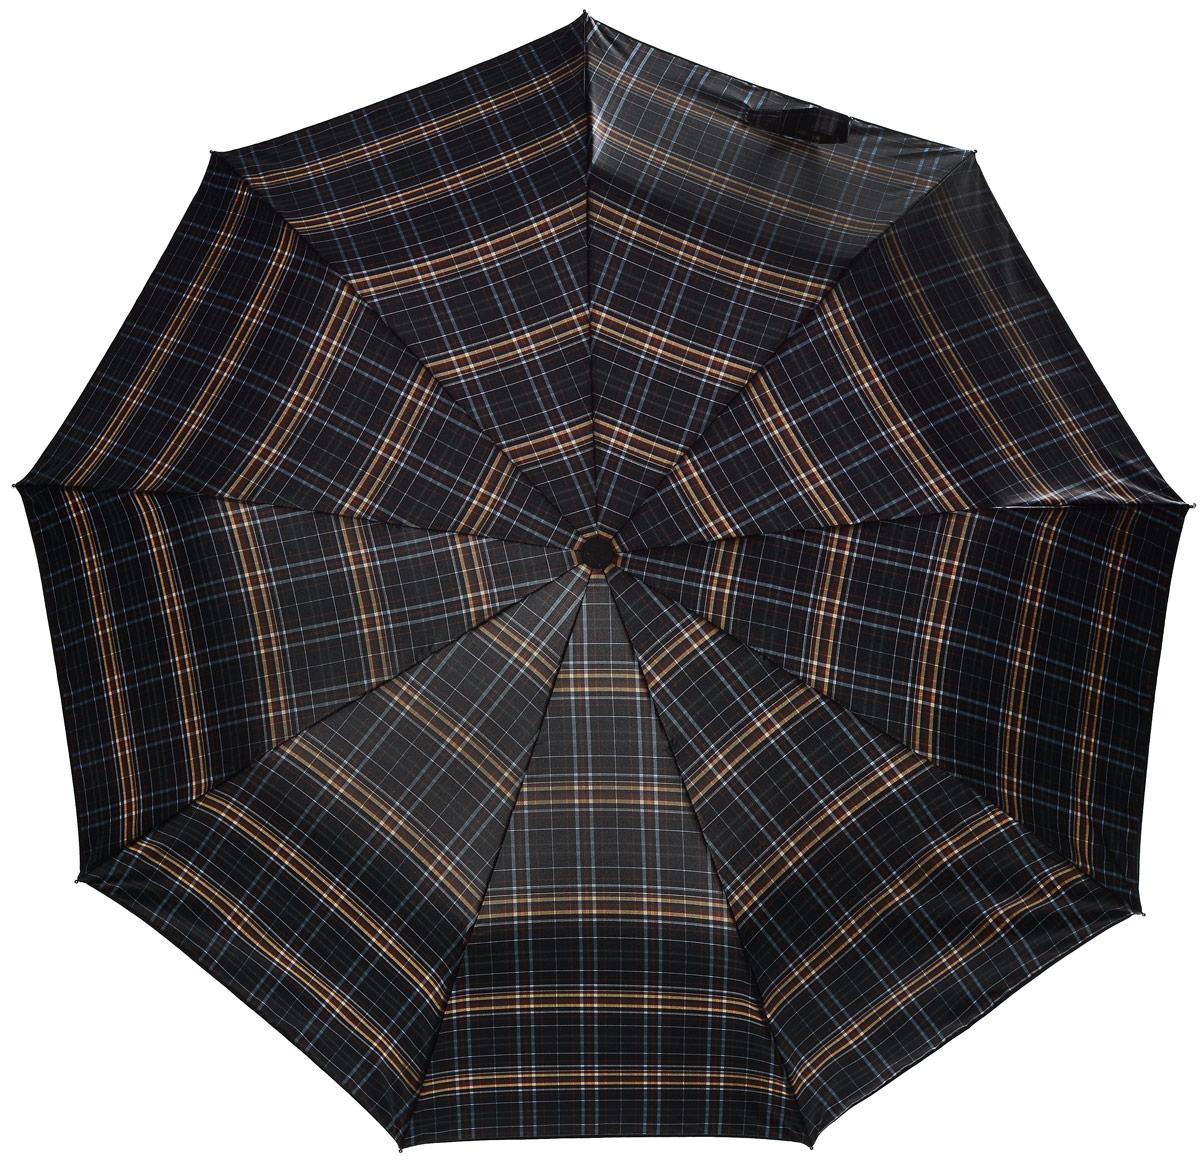 Зонт Sponsa , клетка, цвет: черный, бежевый, коричневый